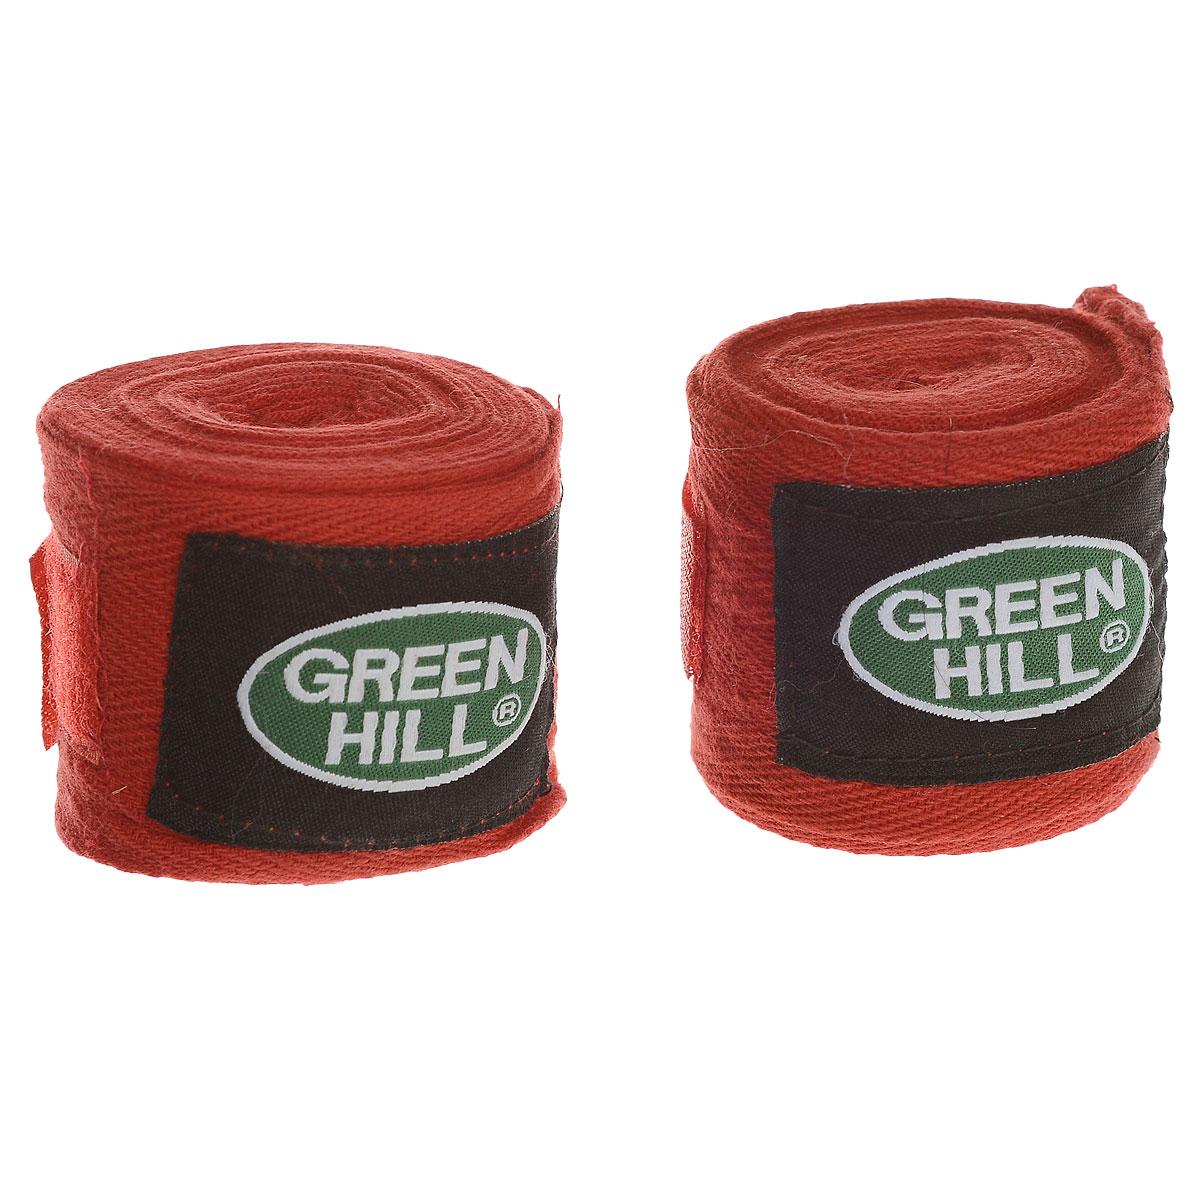 Бинты боксерские Green Hill, хлопок, цвет: красный, 2,5 м, 2 штВР-6232-25Бинты Green Hill предназначены для защиты запястья во время занятий боксом. Изготовлены из высококачественного хлопка. Бинты надежно закрепляются на руке застежкой на липучке.Длина бинтов: 2,5 м.